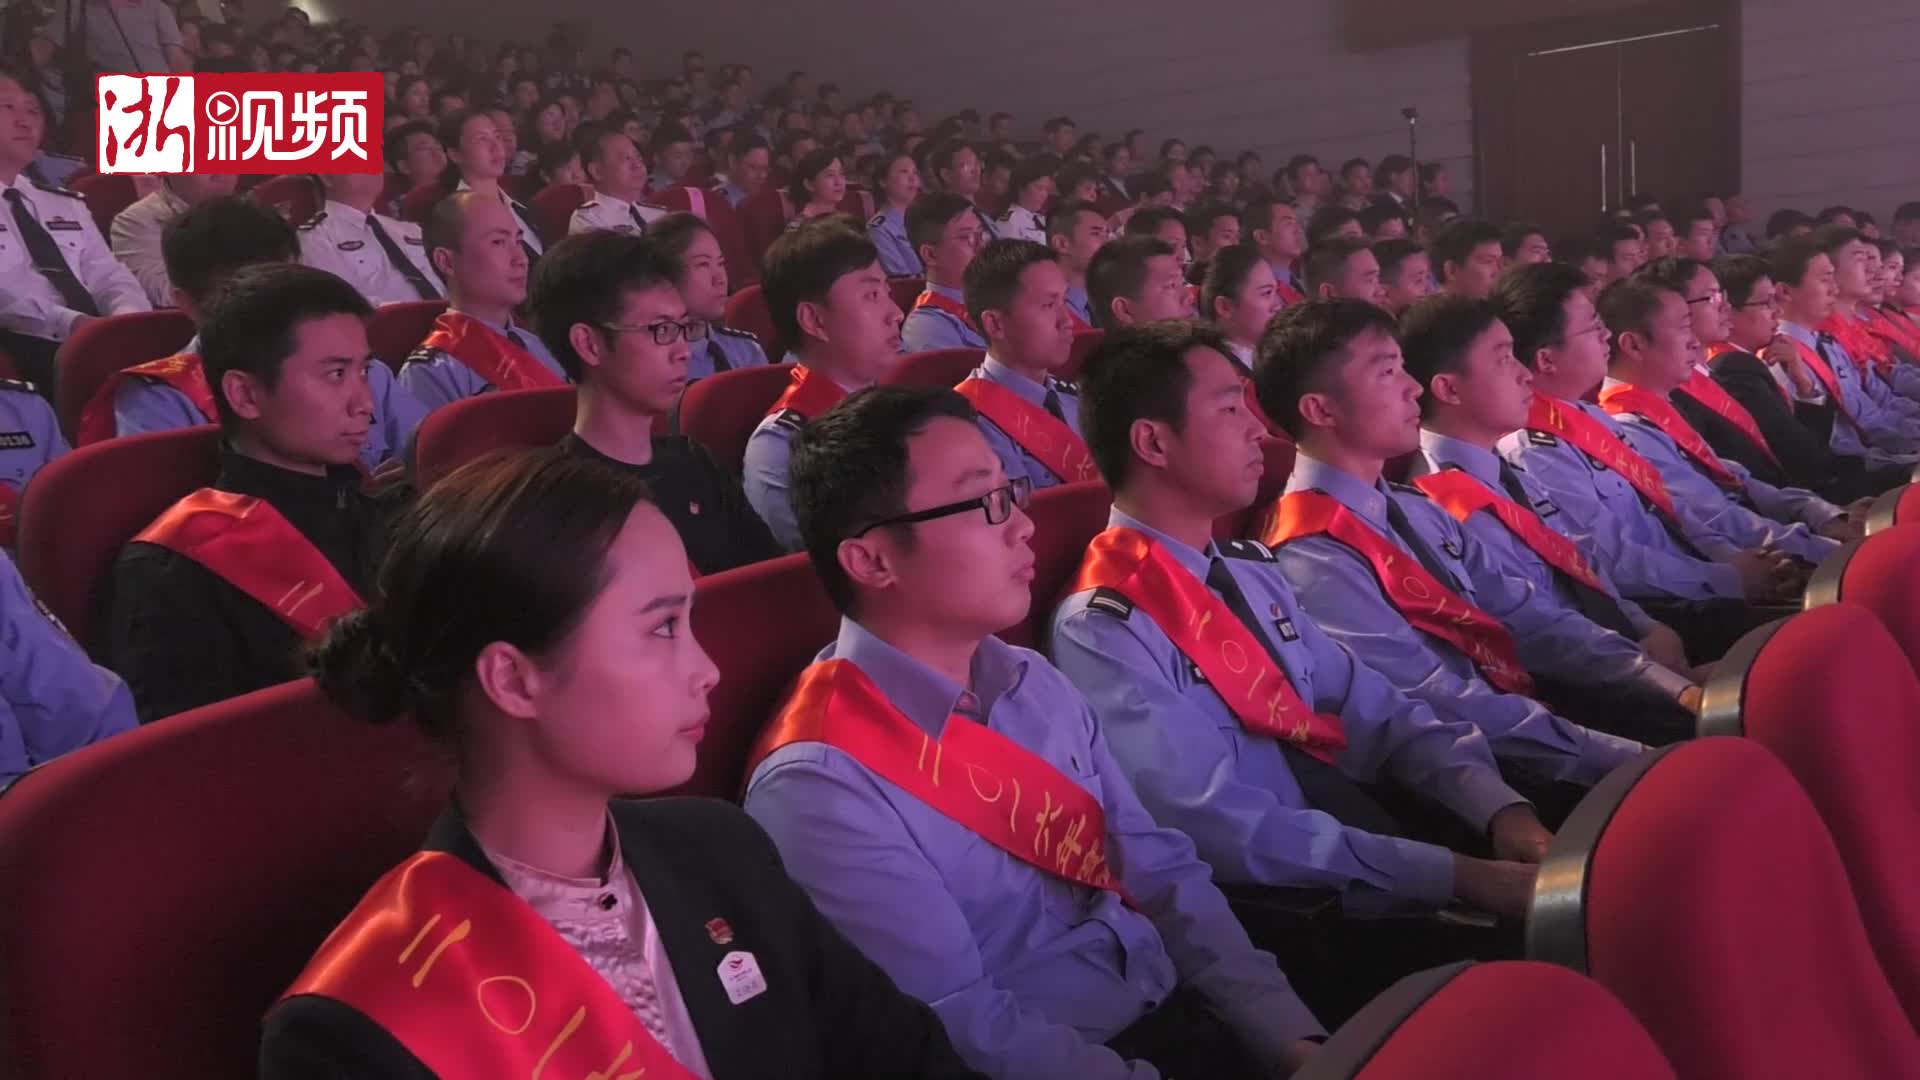 用奋斗书写青春故事 省公安厅庆建团95周年